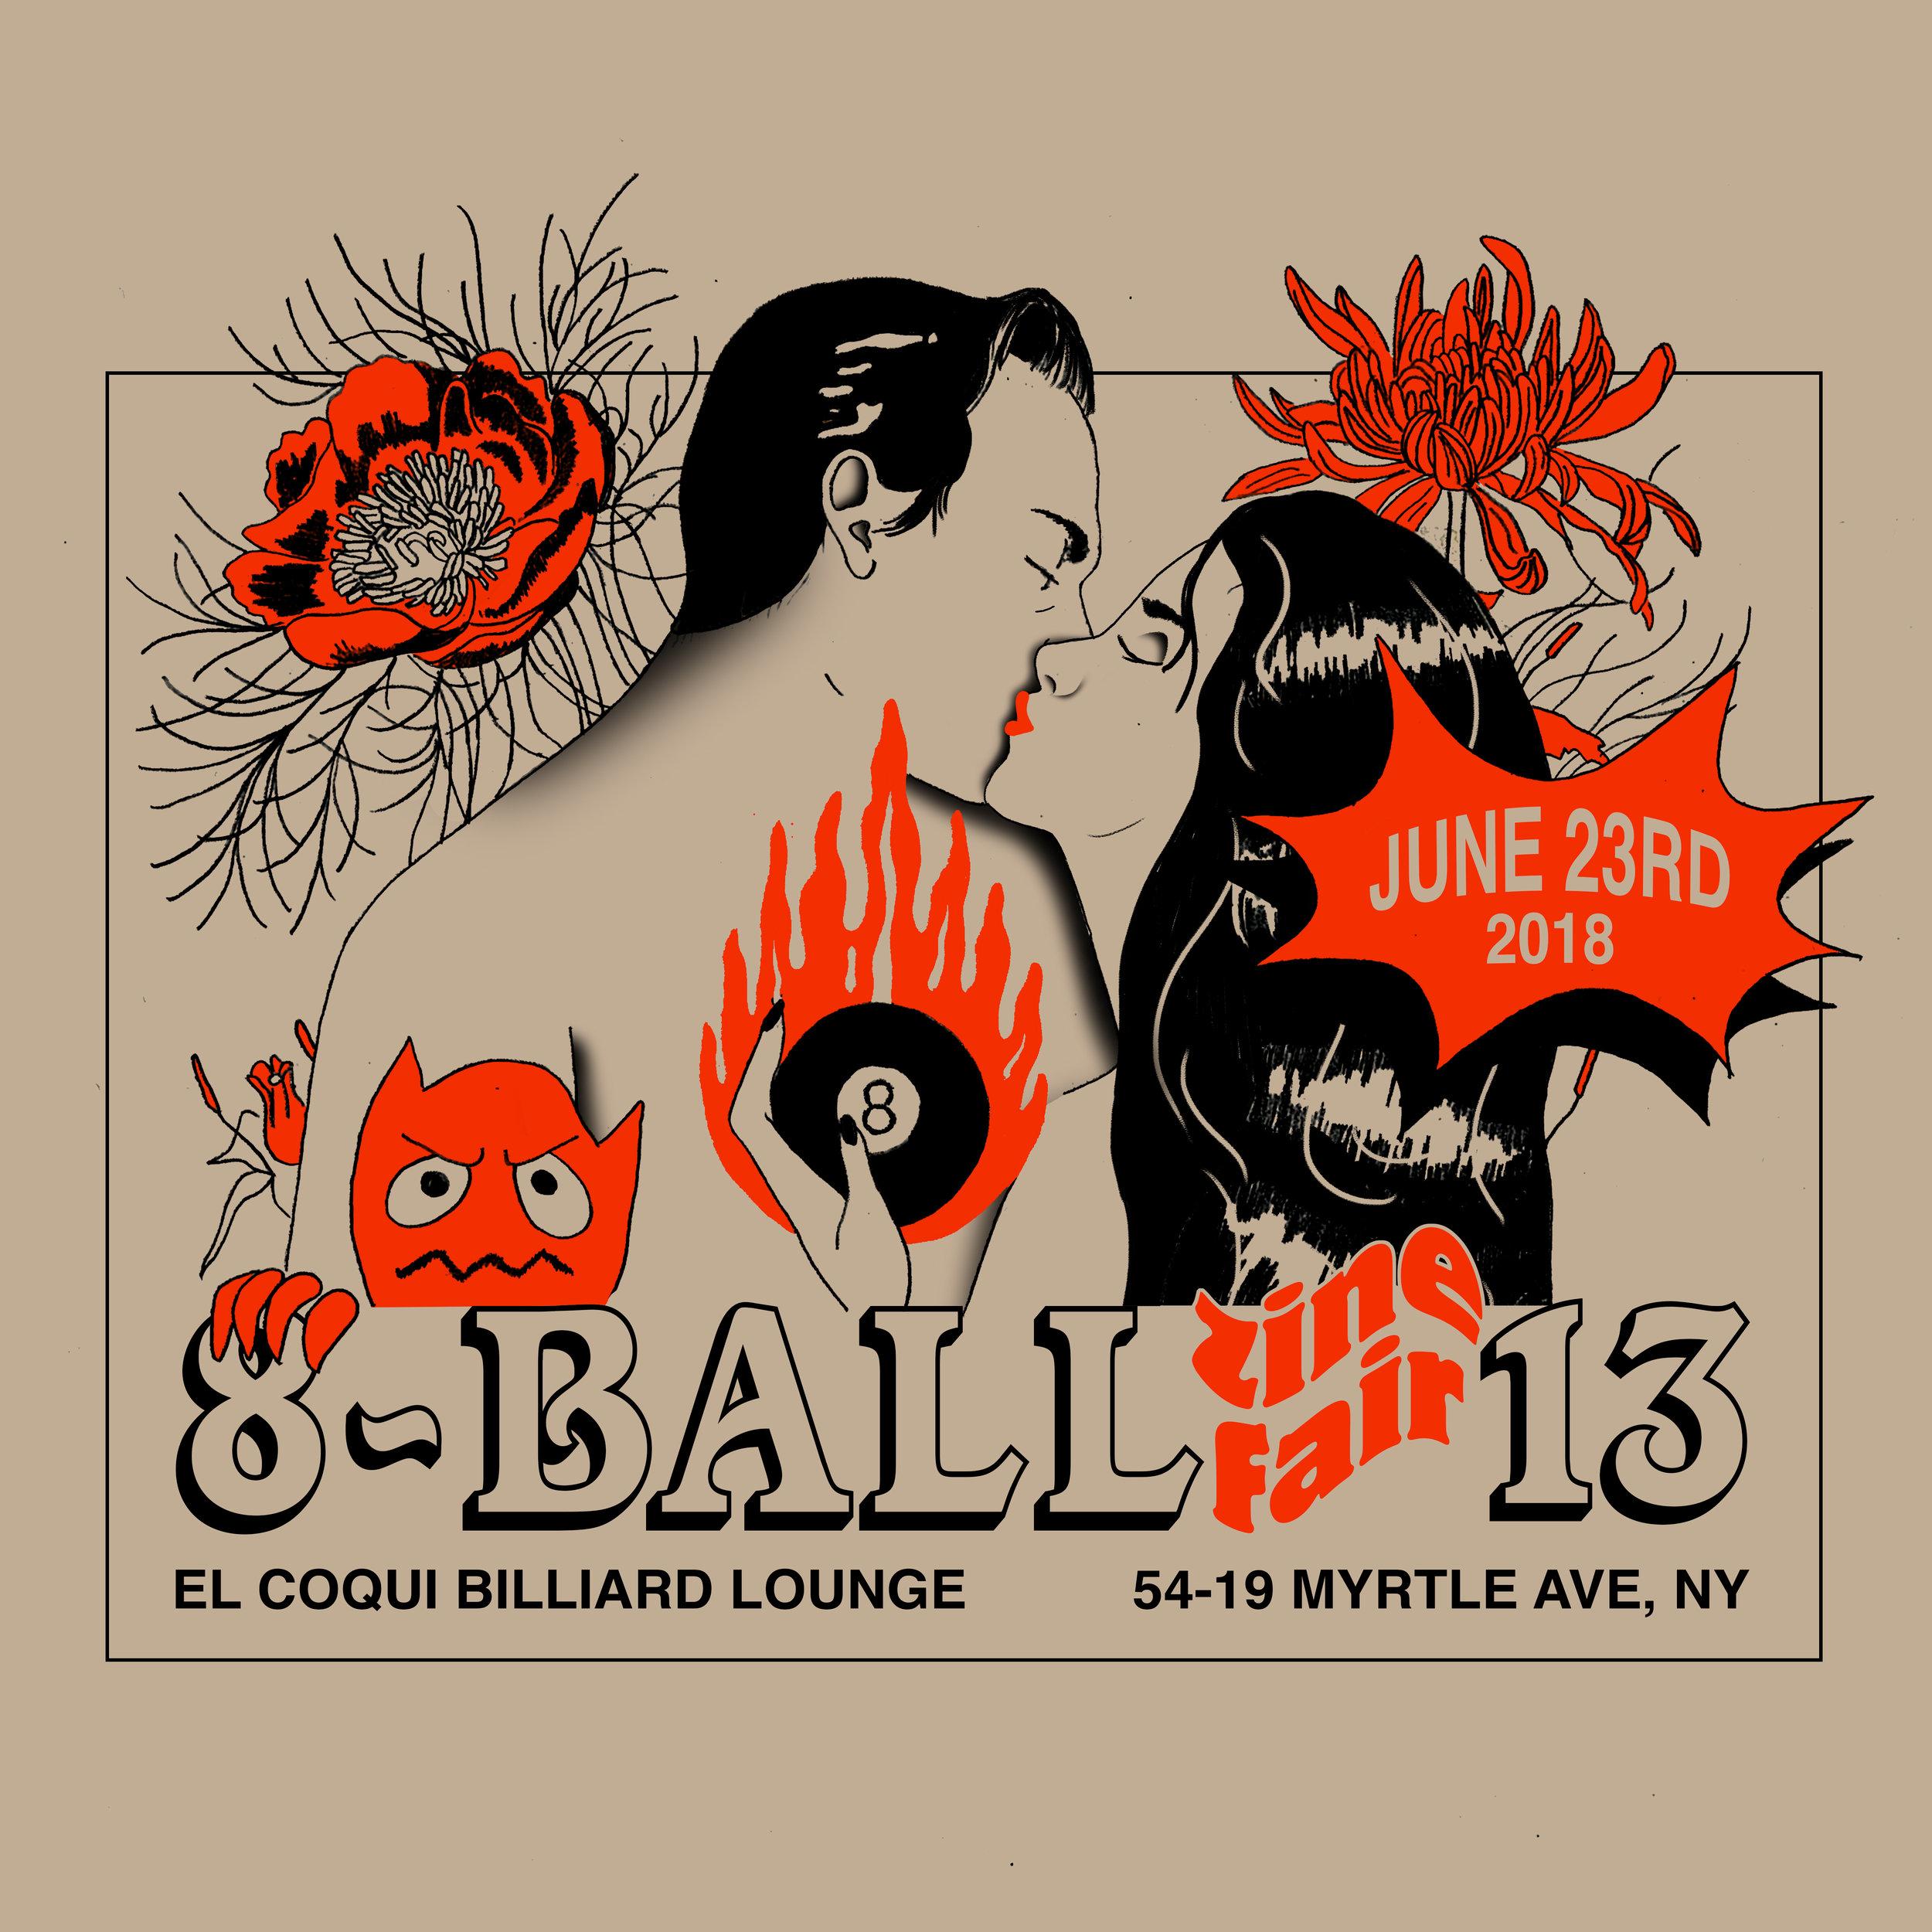 8ball.jpg